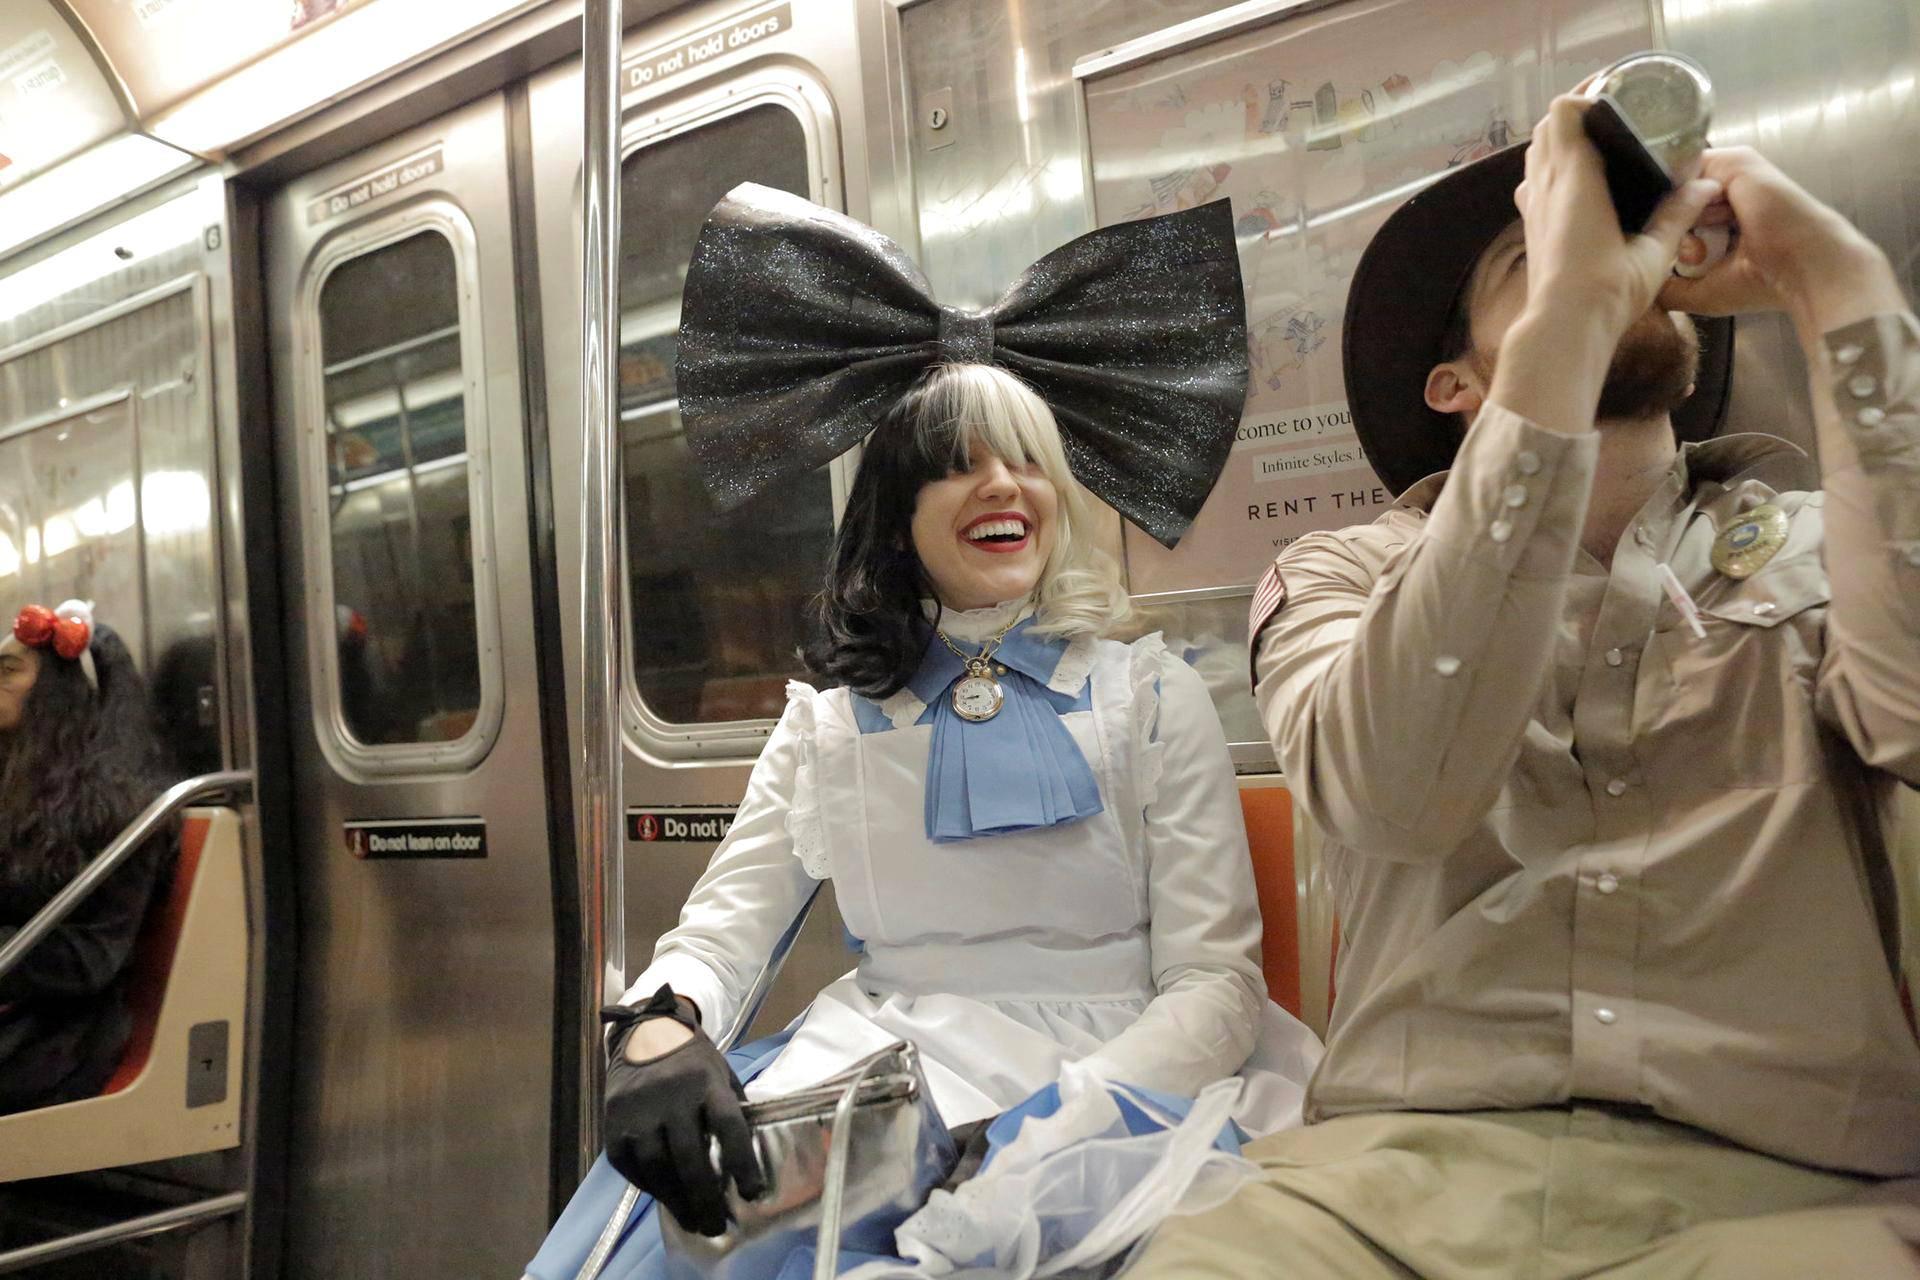 Artisti Siaksi pukeutunut matkustaja kulki metrolla Manhattanilla.